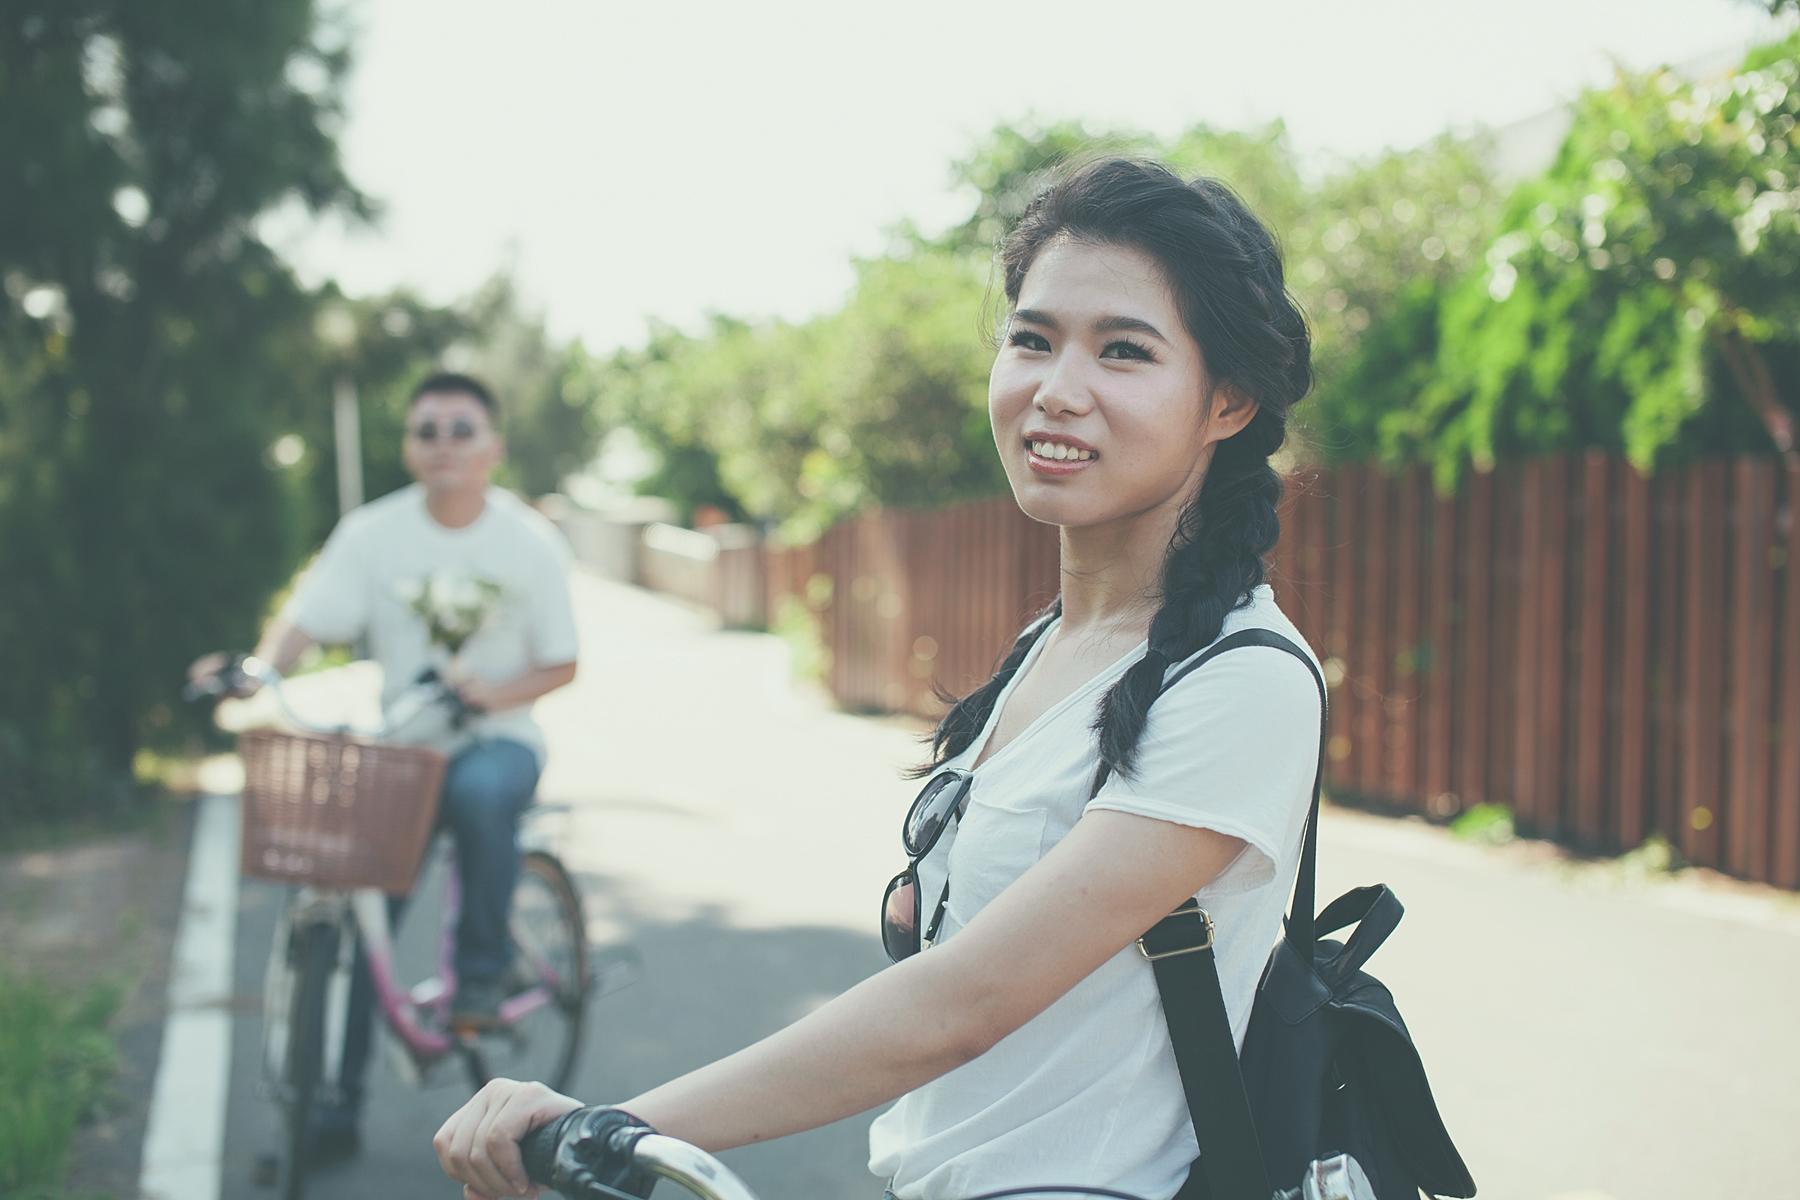 【自助婚紗 擎天崗-淡水】旭峰 & 方蒨 | 自然風格 底片風格